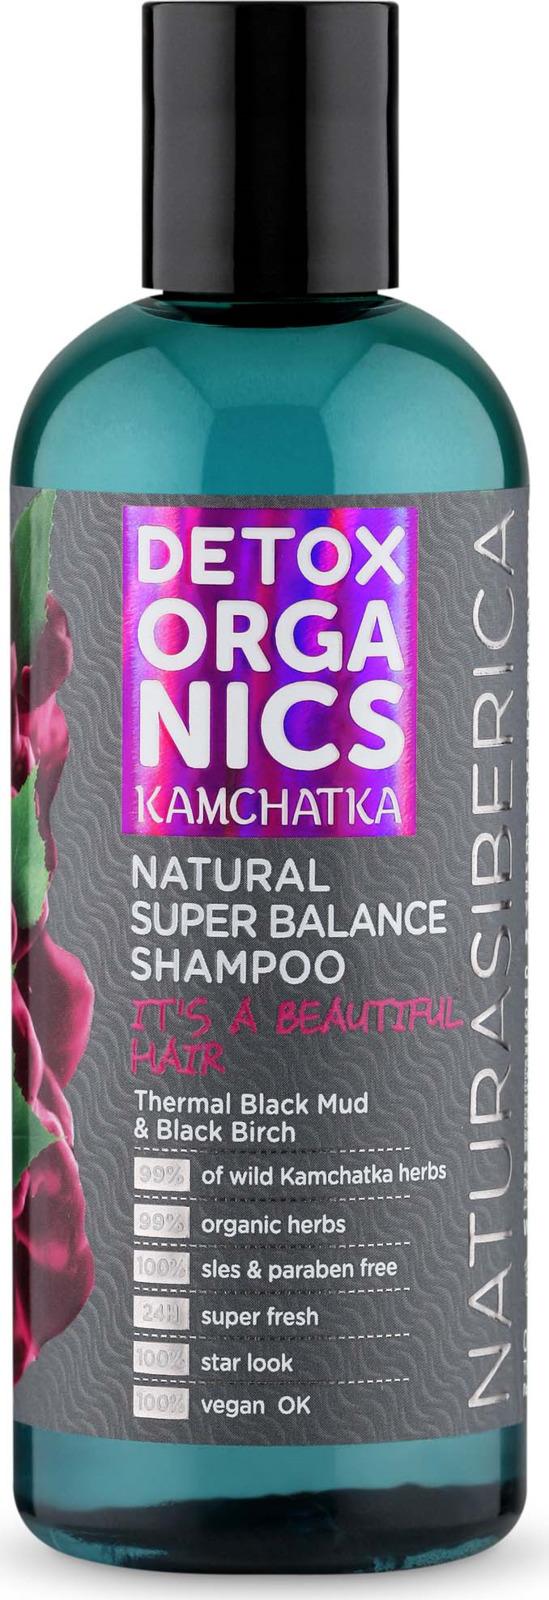 Шампунь для волос Natura Siberica Detox organics Kamchatka